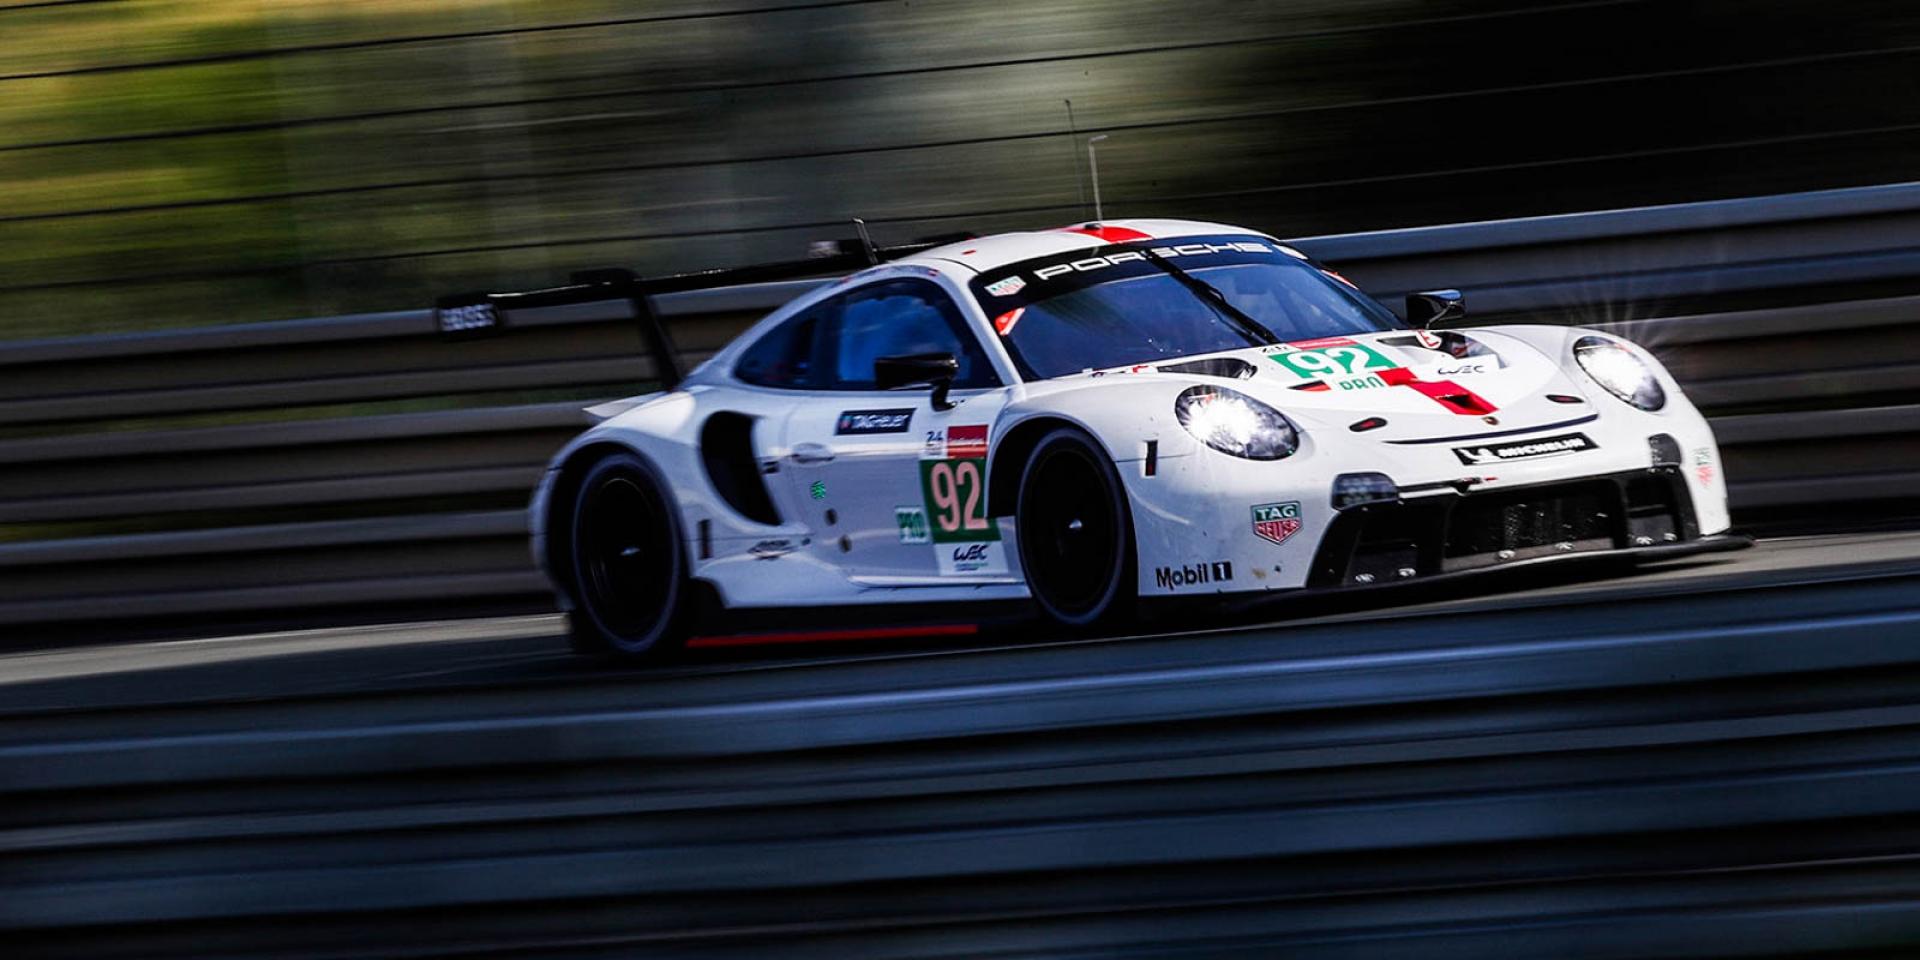 24小時利曼耐力賽。Porsche 911 RSR的壓力測試。最極限的賽事:在兩萬次換檔和兩千八百萬次火星塞點火之間!